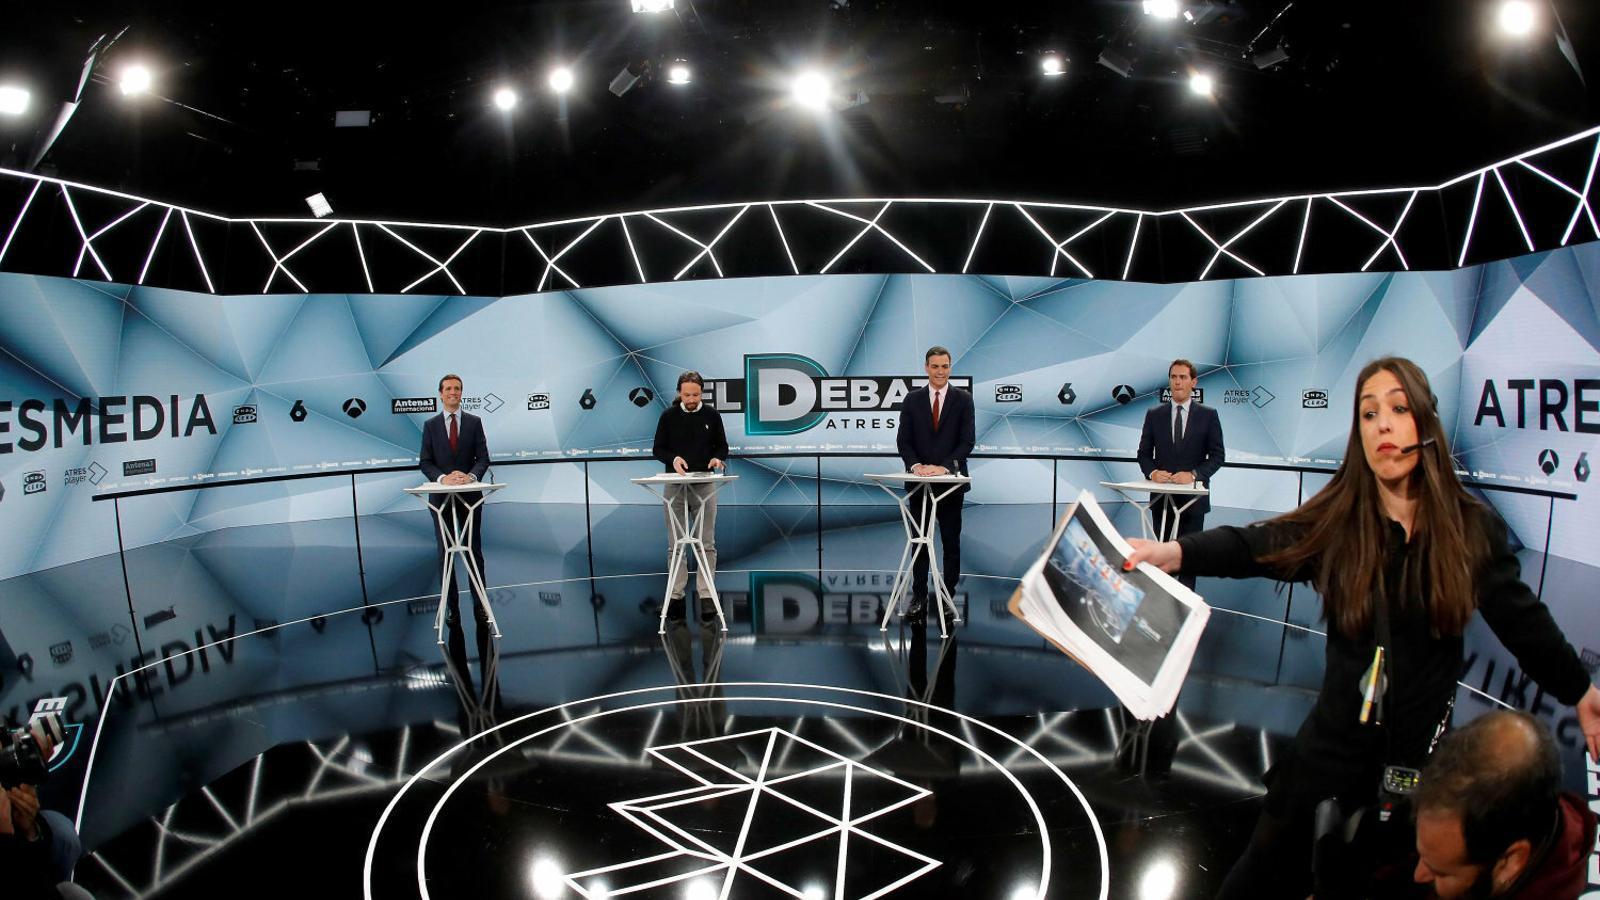 Pablo Casado, Pablo Igleias, Pedro Sánchez i Albert Rivera ahir en el debat a quatre que es va fer als platós d'Atresmedia.